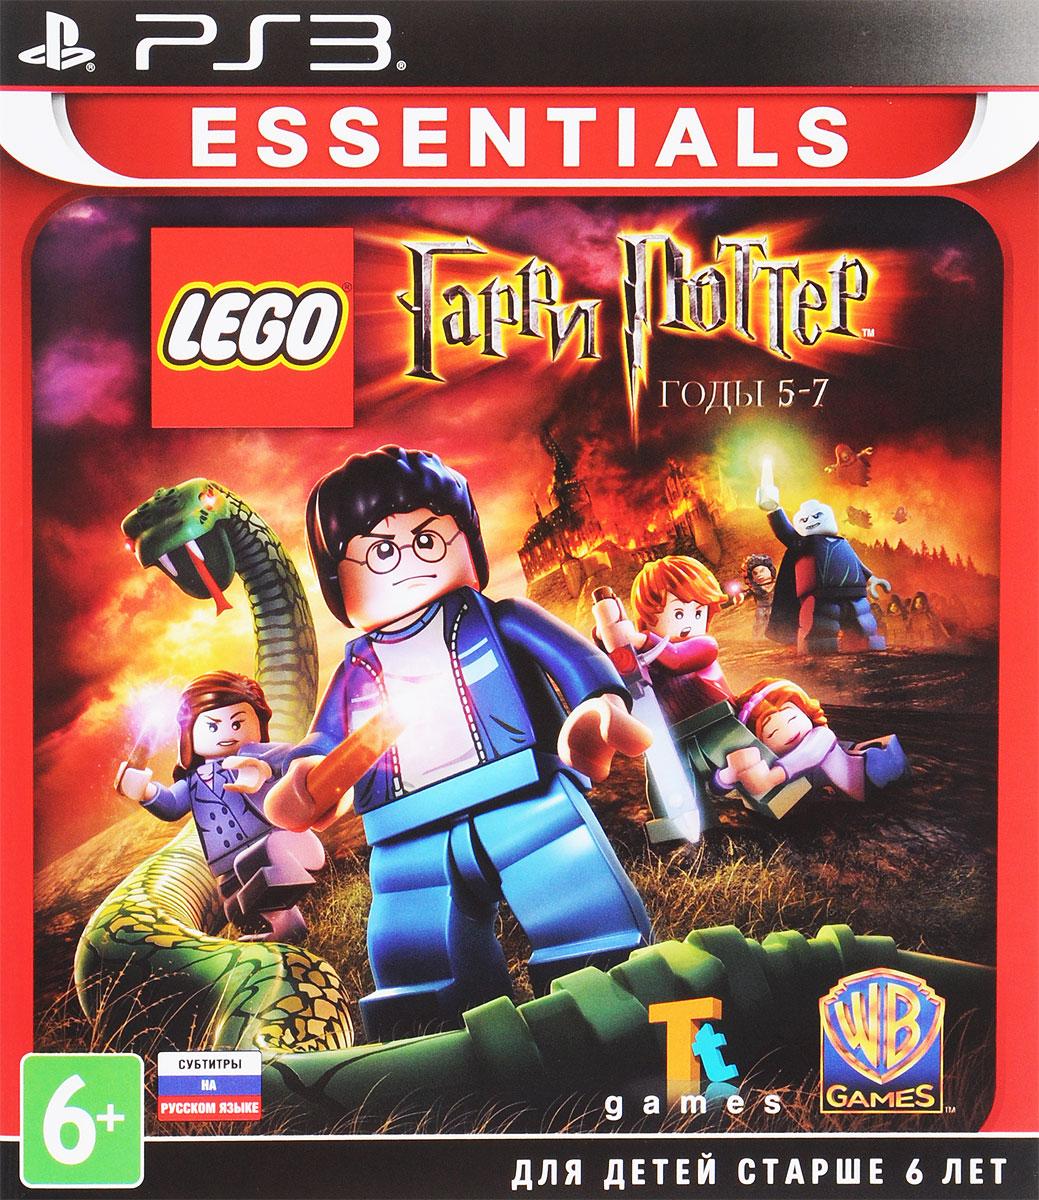 Игра LEGO Harry Potter: годы 5-7 Ess для PlayStation 3